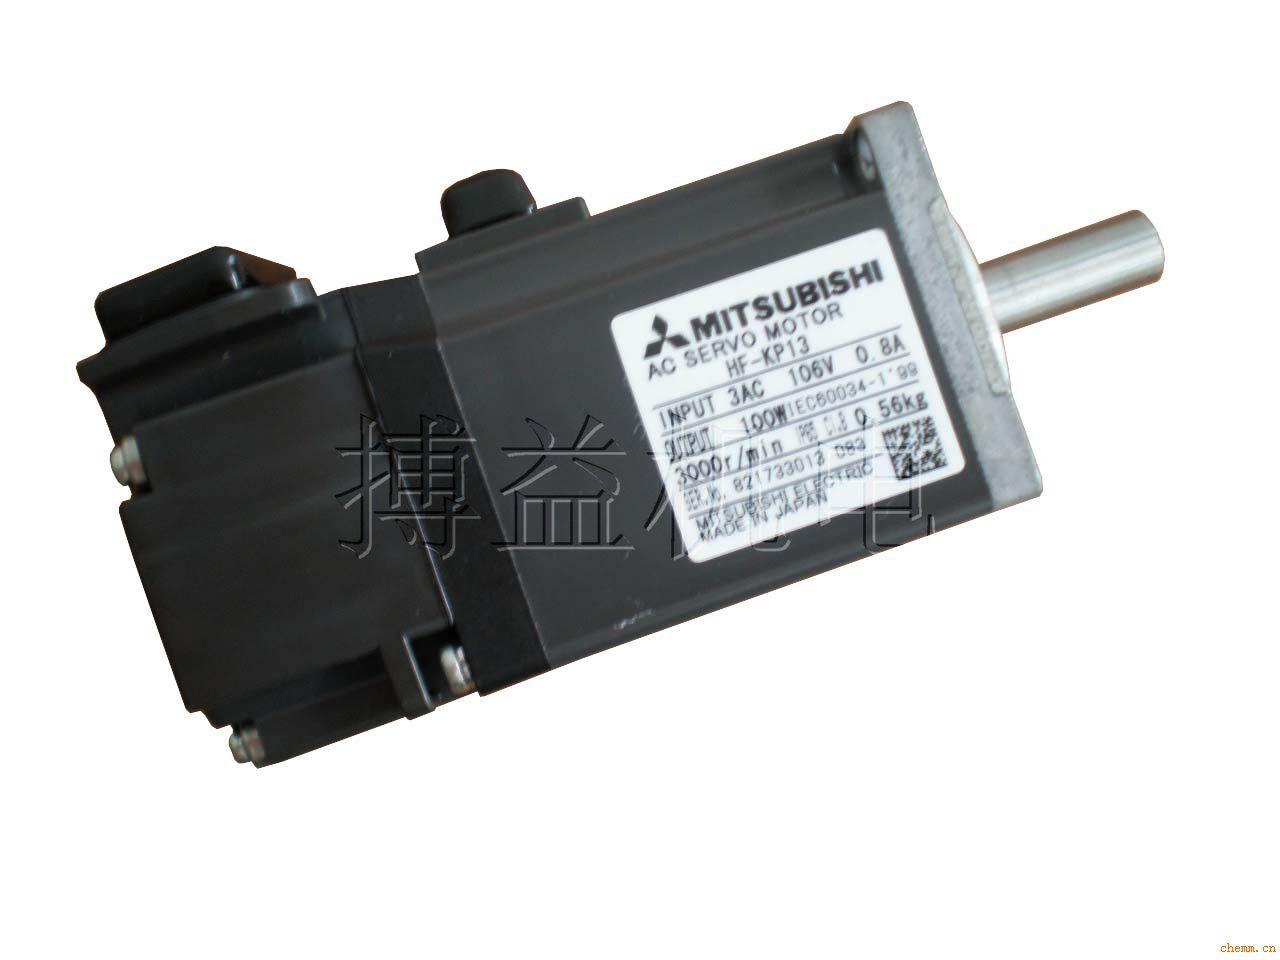 供应三菱mitsubishi伺服电机维修/三菱伺服驱动器维修; 三菱伺服电机